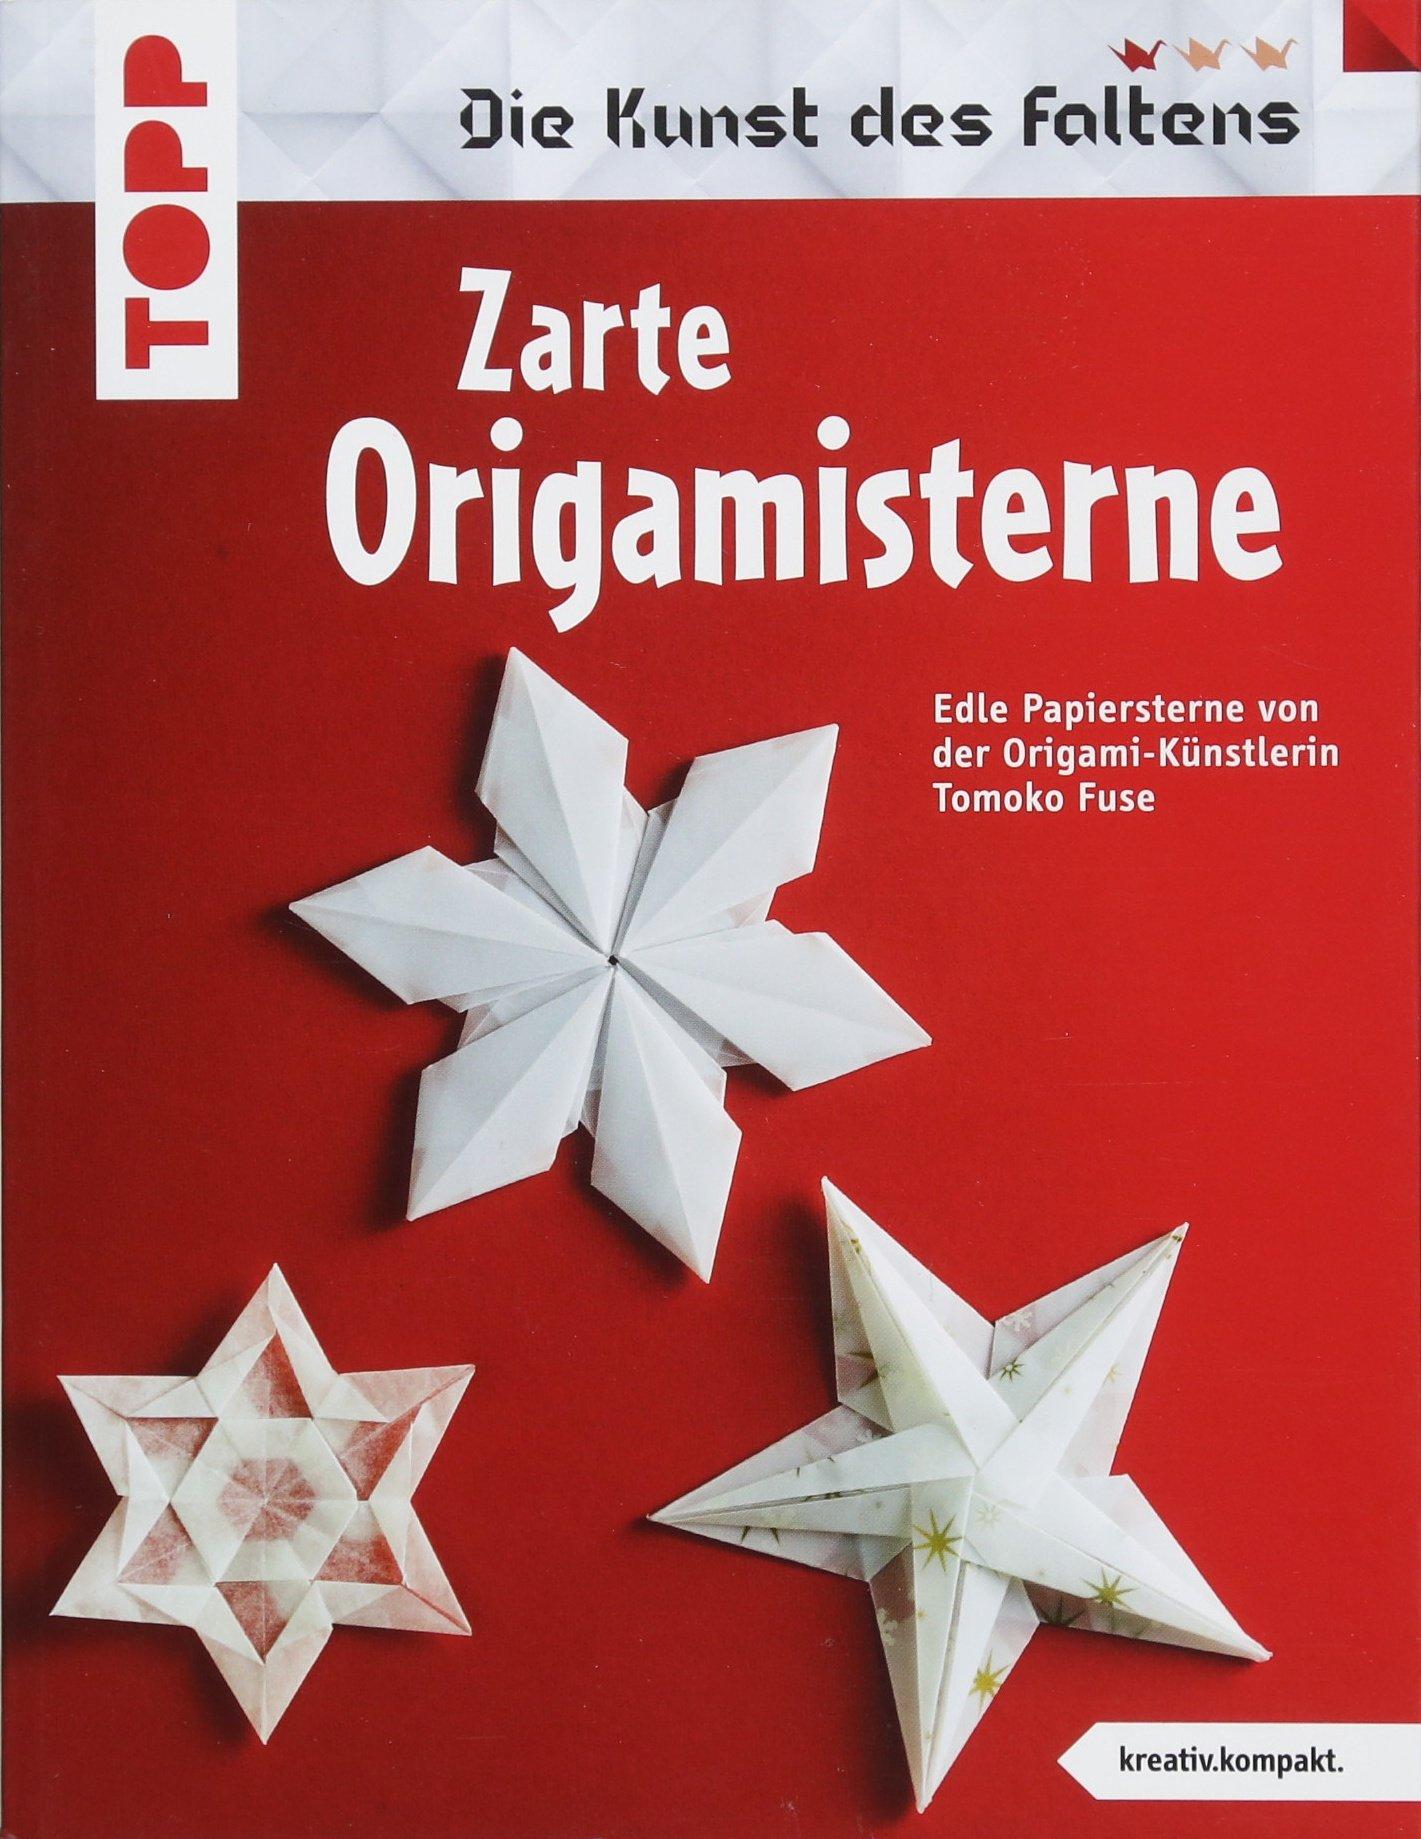 Zarte Origami Sterne  Kreativ.kompakt.   Die Schönsten Sterne Der Origami Künstlerin Tomoko Fuse.